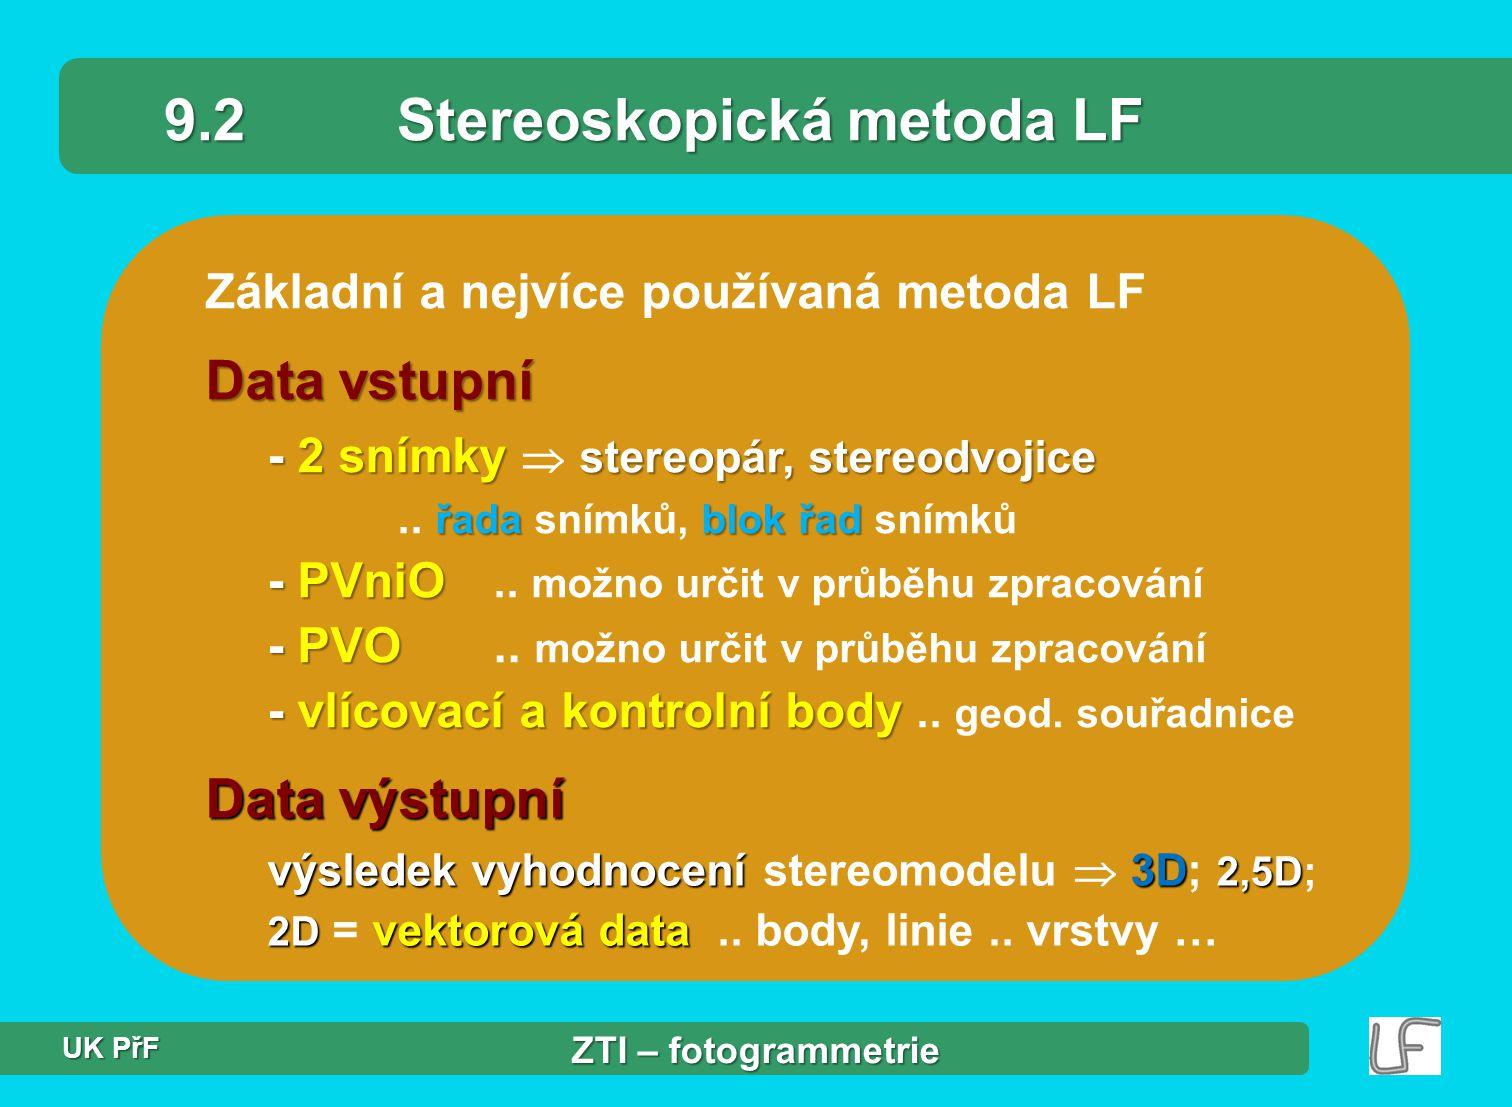 9.2 Stereoskopická metoda LF